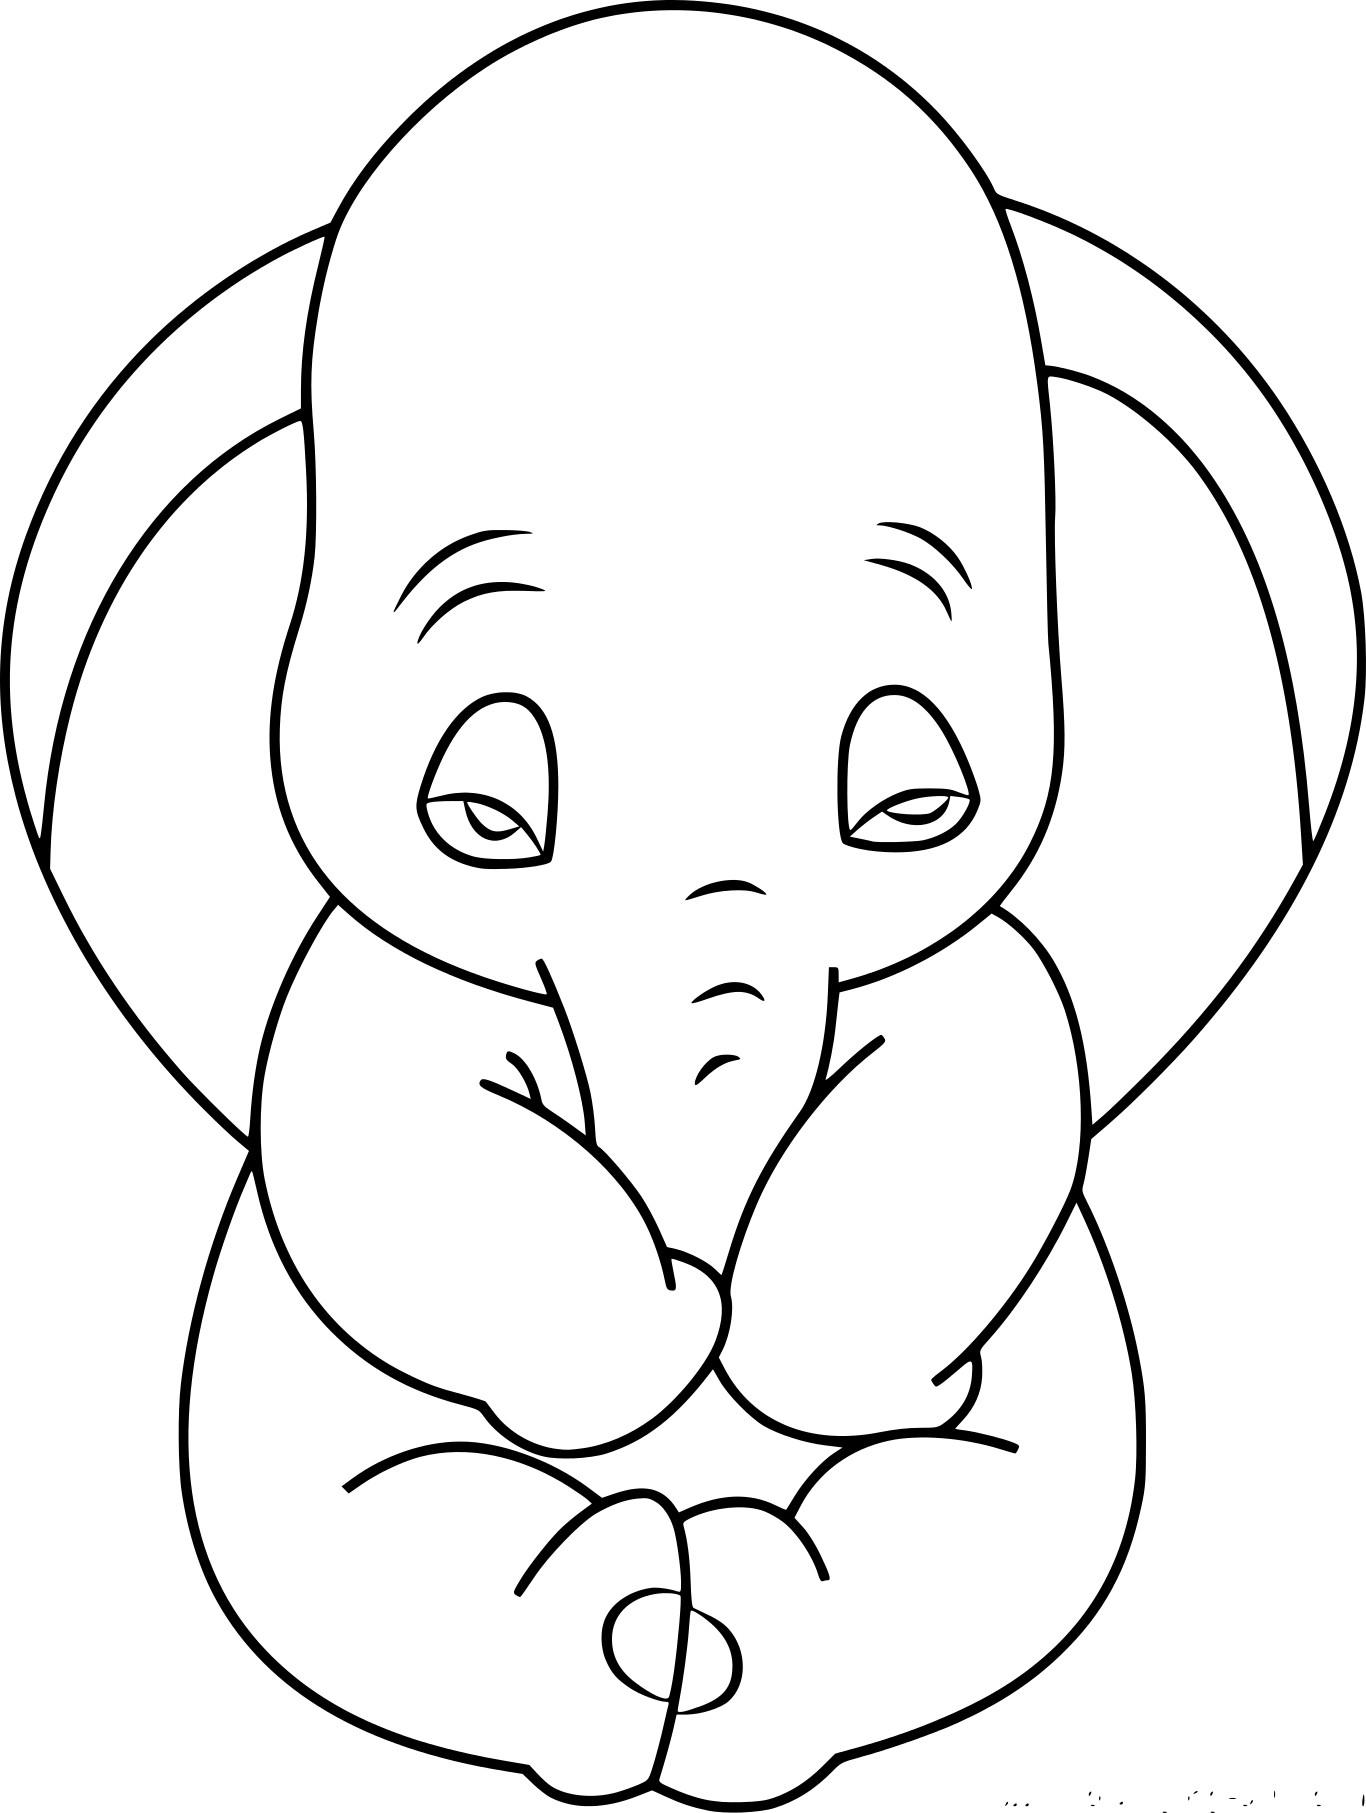 Coloriage Dumbo Triste À Imprimer Sur Coloriages à Dessin Dumbo